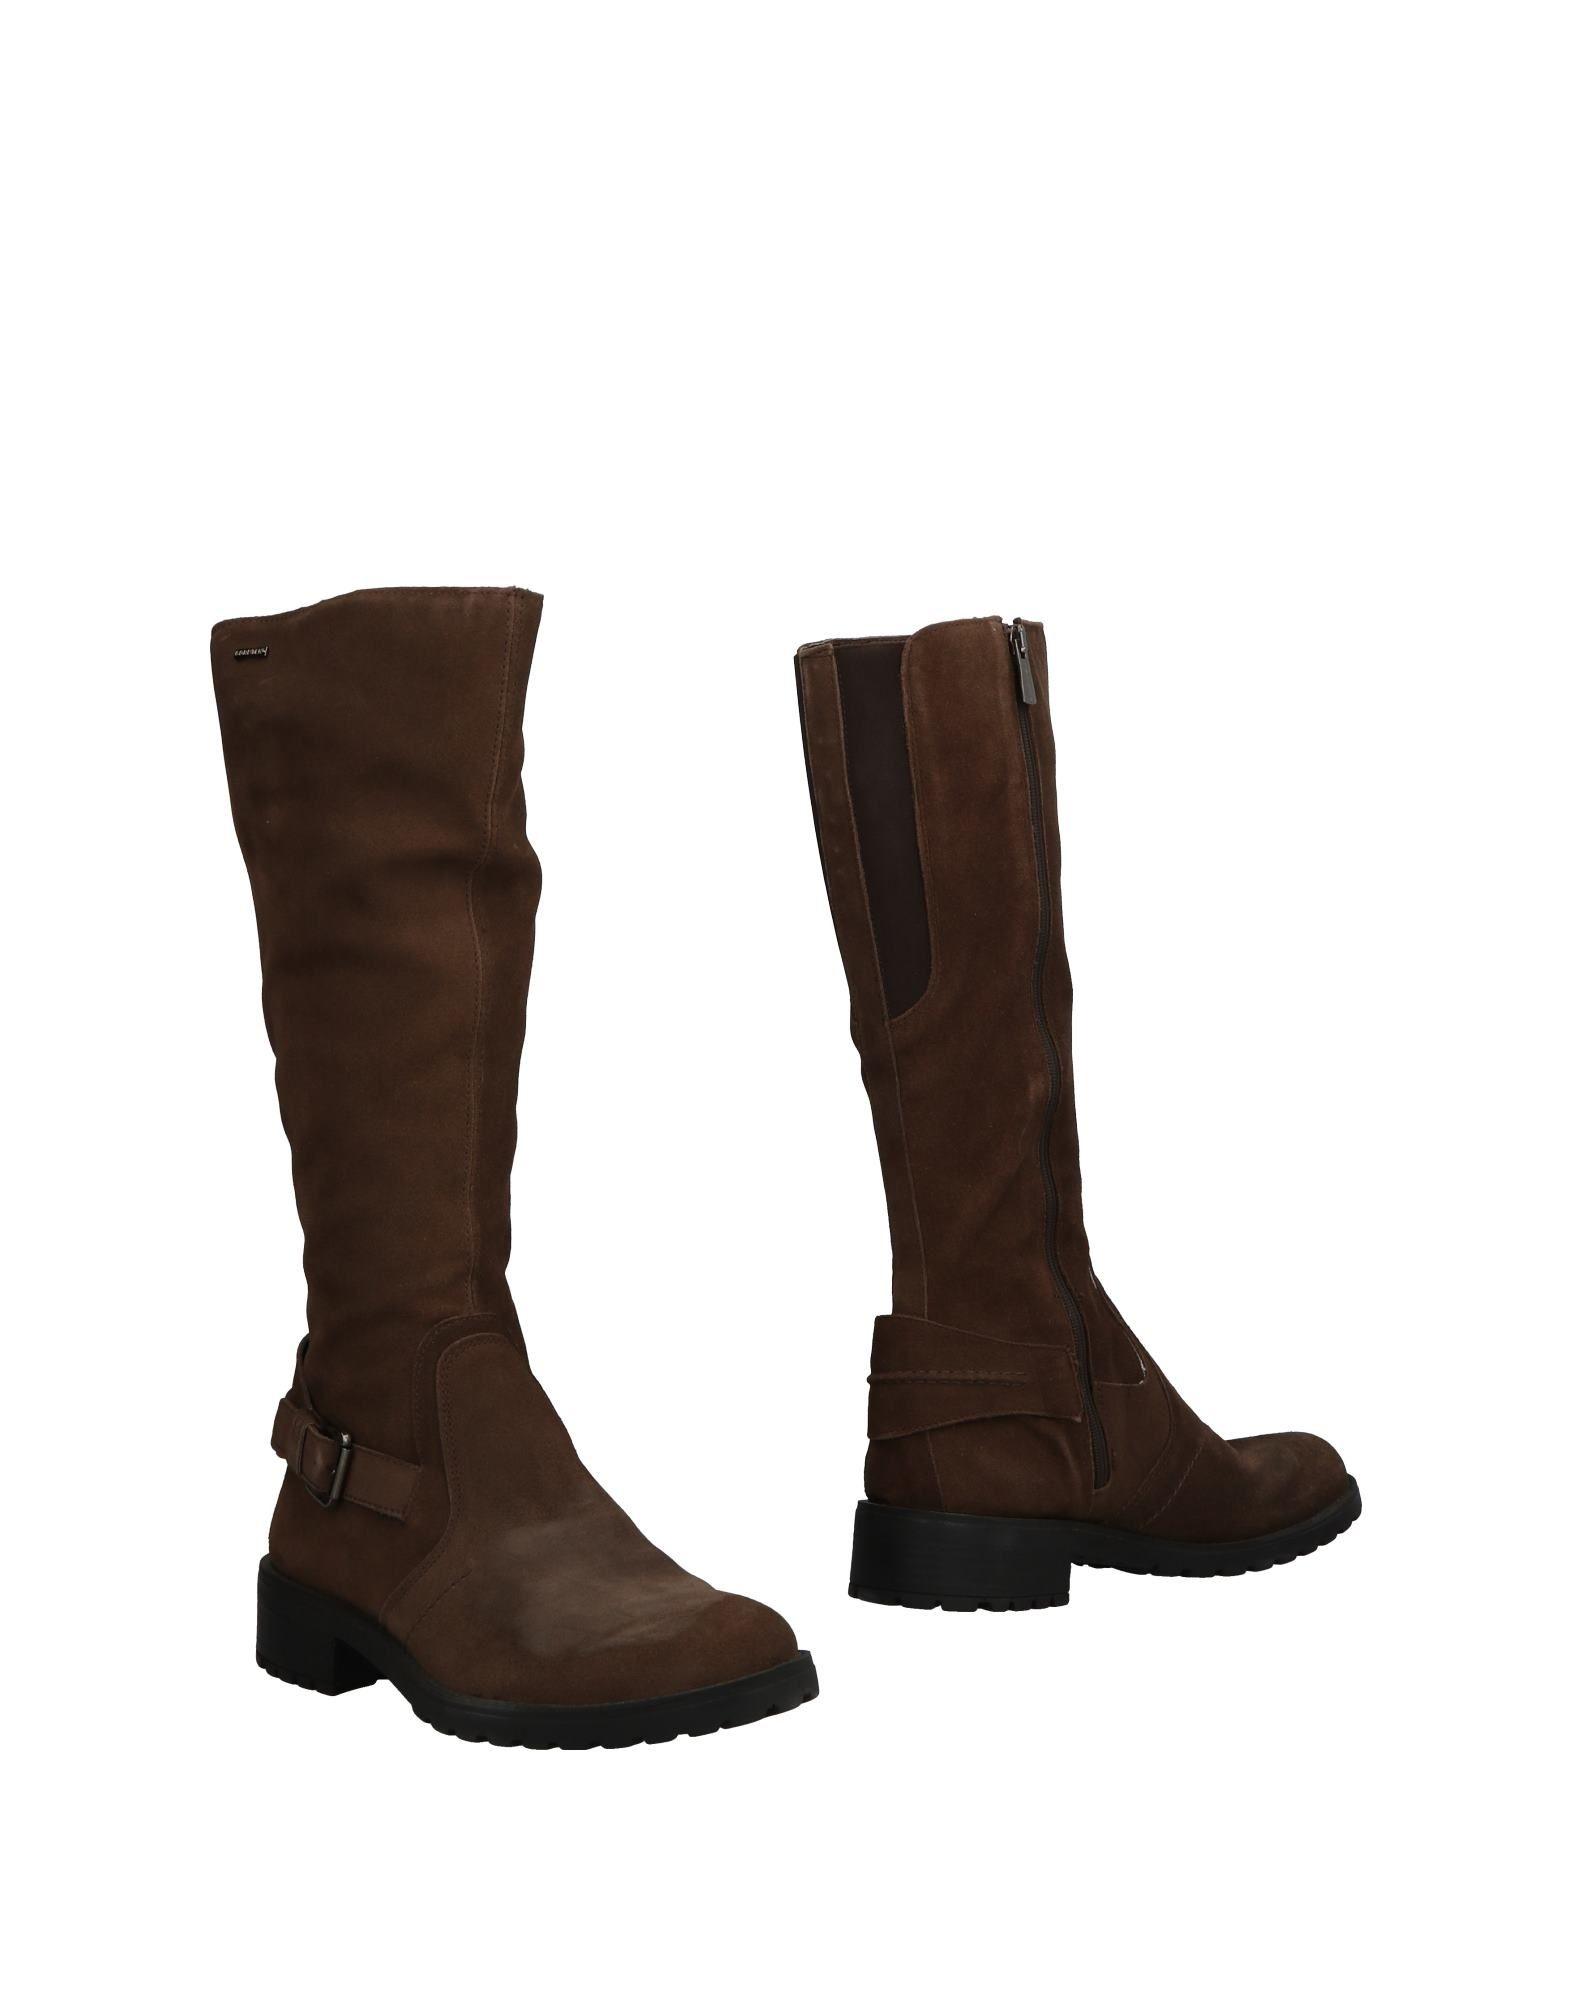 Billig-4188,Igi&Co Stiefel Damen es Gutes Preis-Leistungs-Verhältnis, es Damen lohnt sich bca465